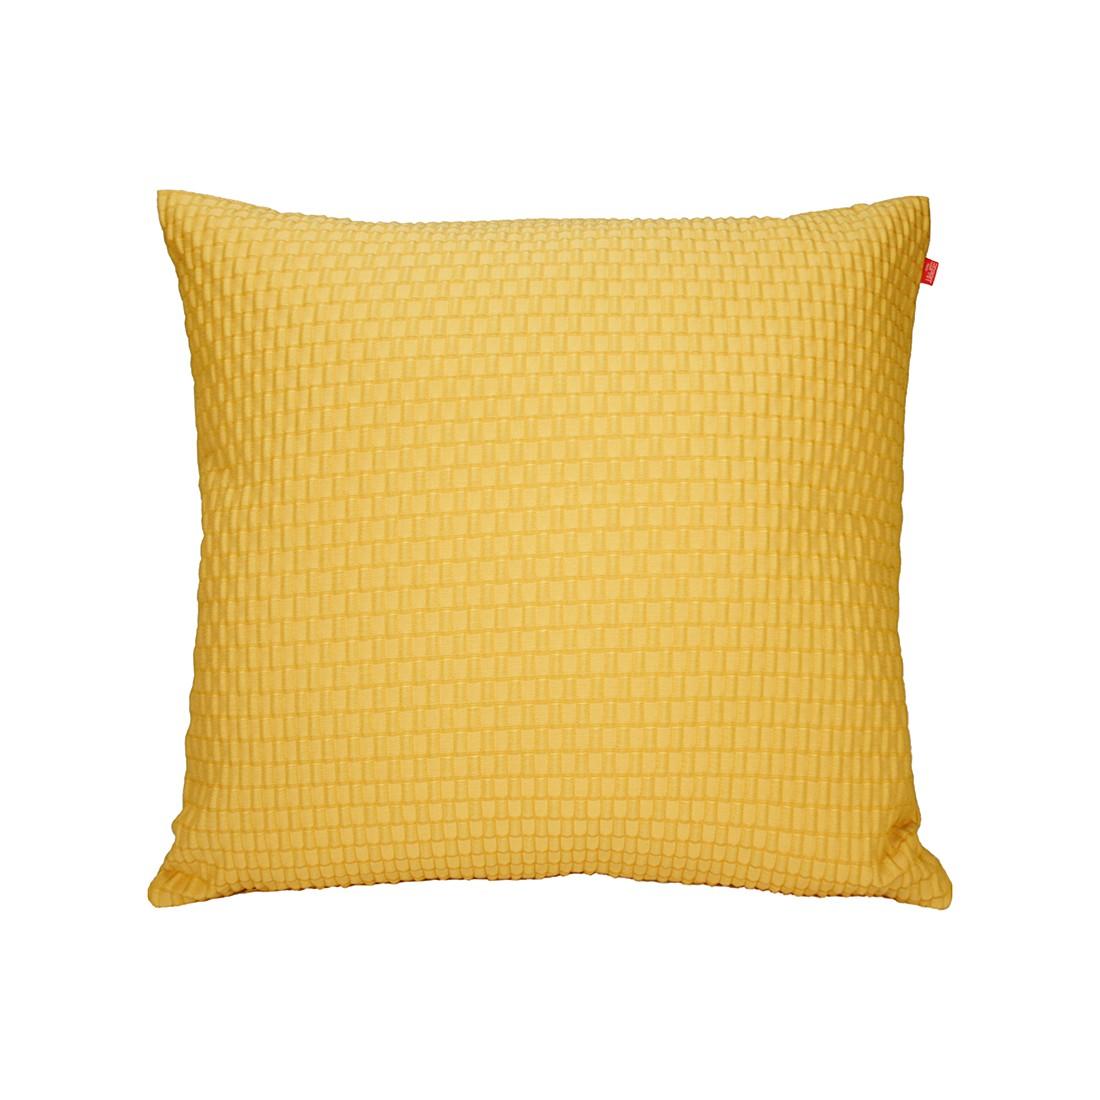 Kissenhülle E-Beat – Curry – Größe: 50 x 50 cm, Esprit Home online bestellen